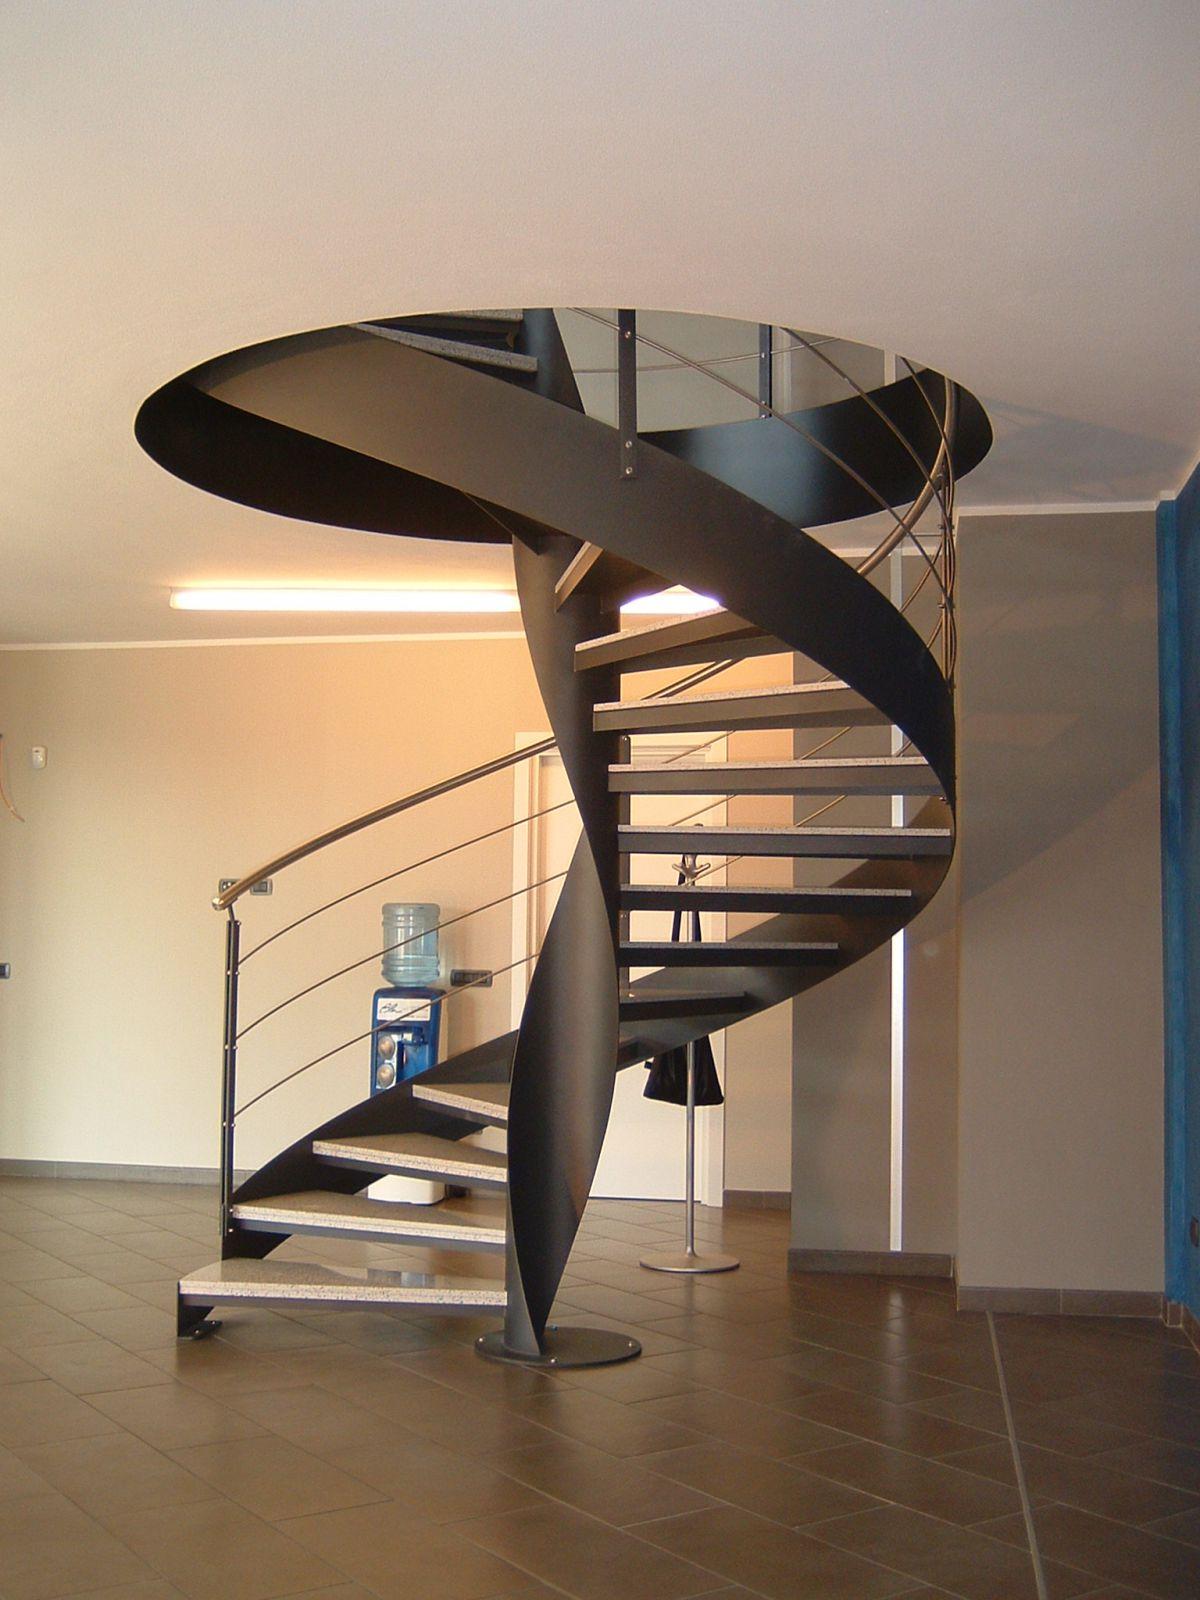 Винтовая лестница своими руками. Виды винтовых лестниц, плюсы и минусы 3406